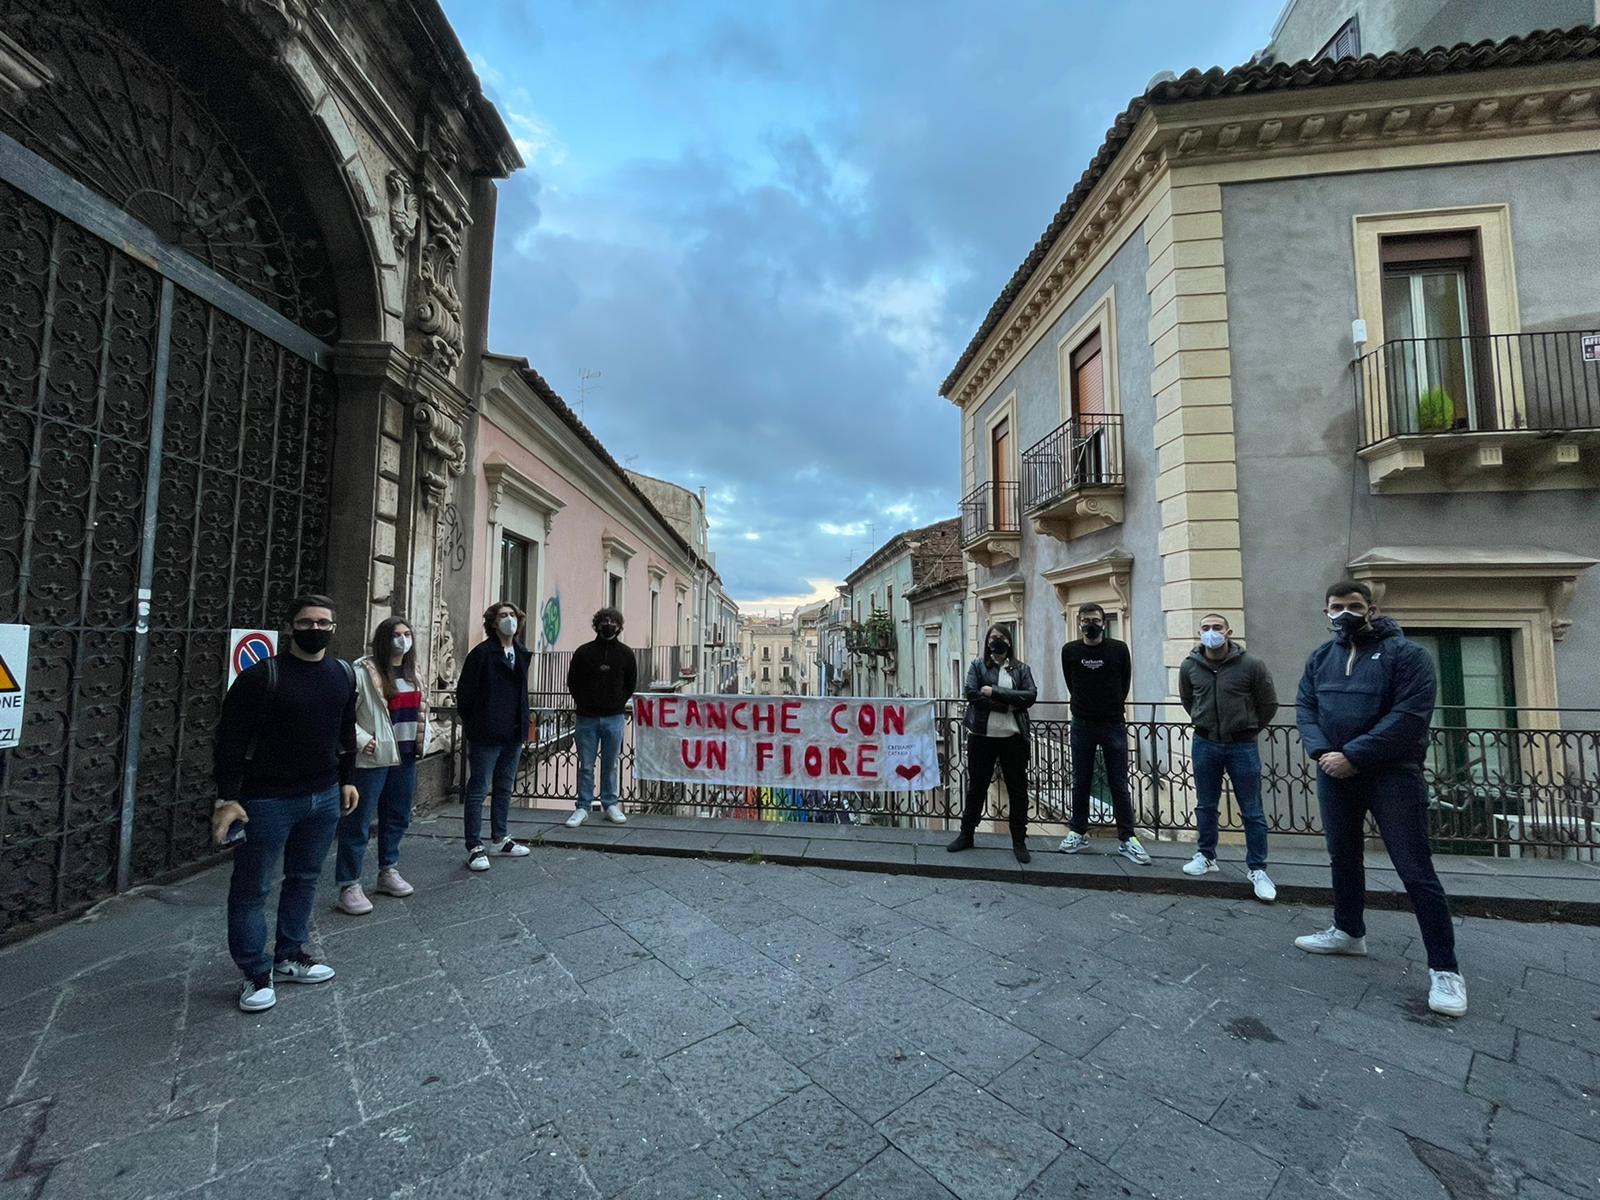 """Giornata internazionale contro la violenza sulle donne, l'associazione studentesca """"Crediamoci Catania"""" organizza flashmob"""